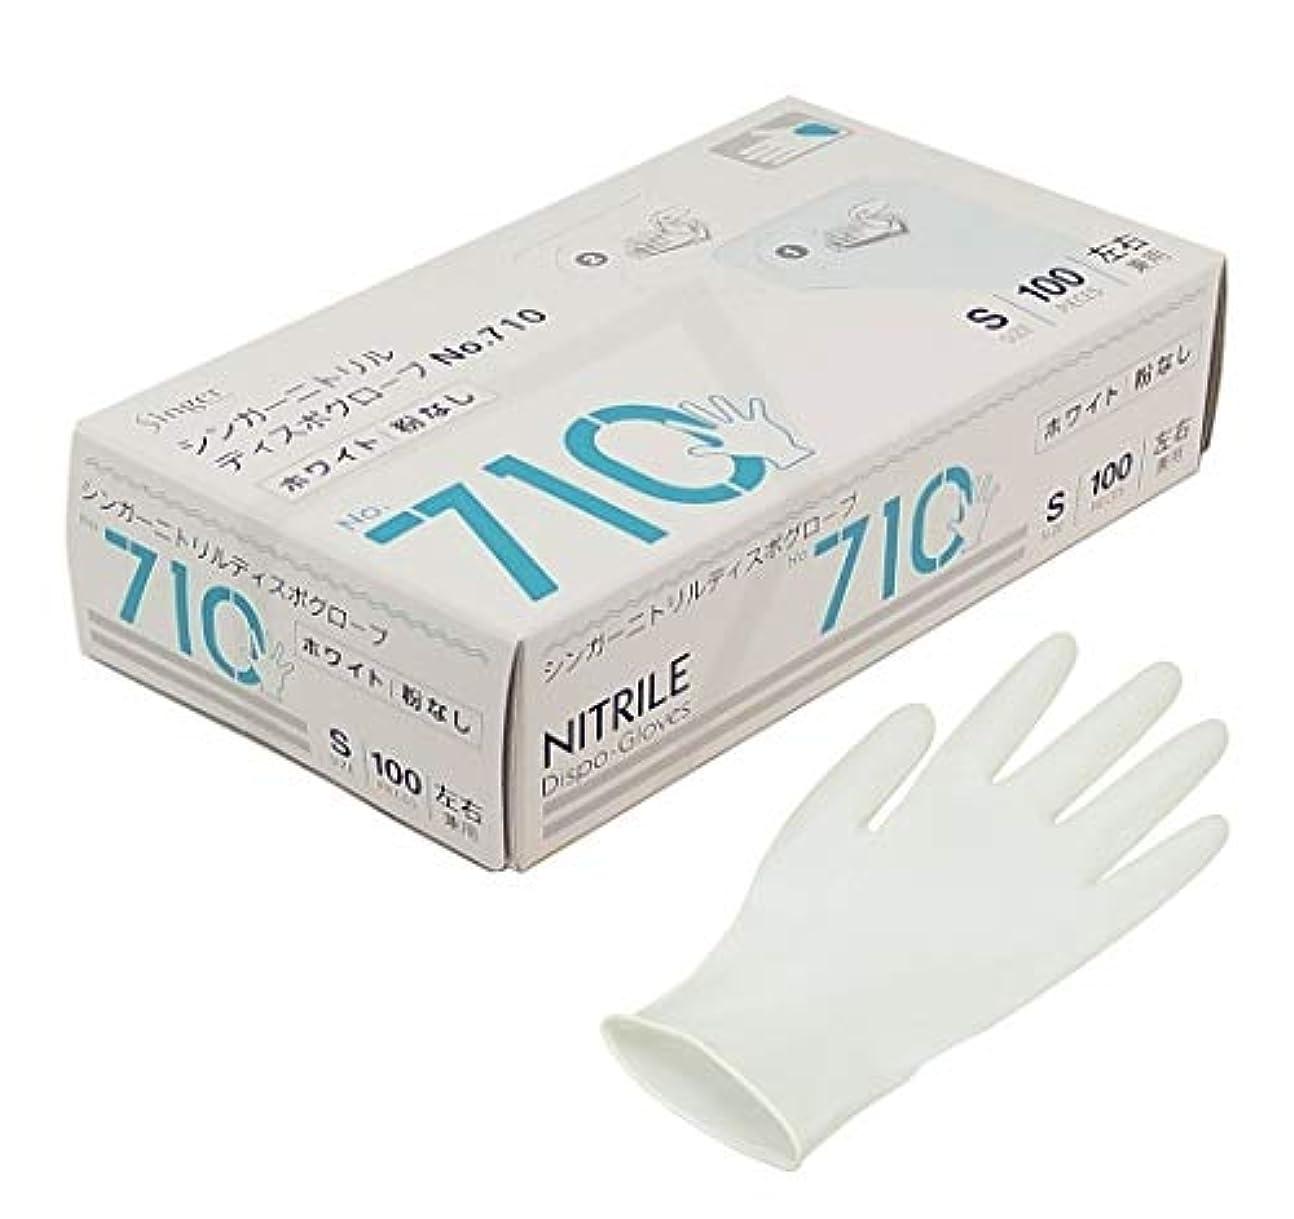 前提デッキオリエンタルシンガー ニトリルディスポグローブ(手袋) No.710 ホワイト パウダーフリー(100枚) S